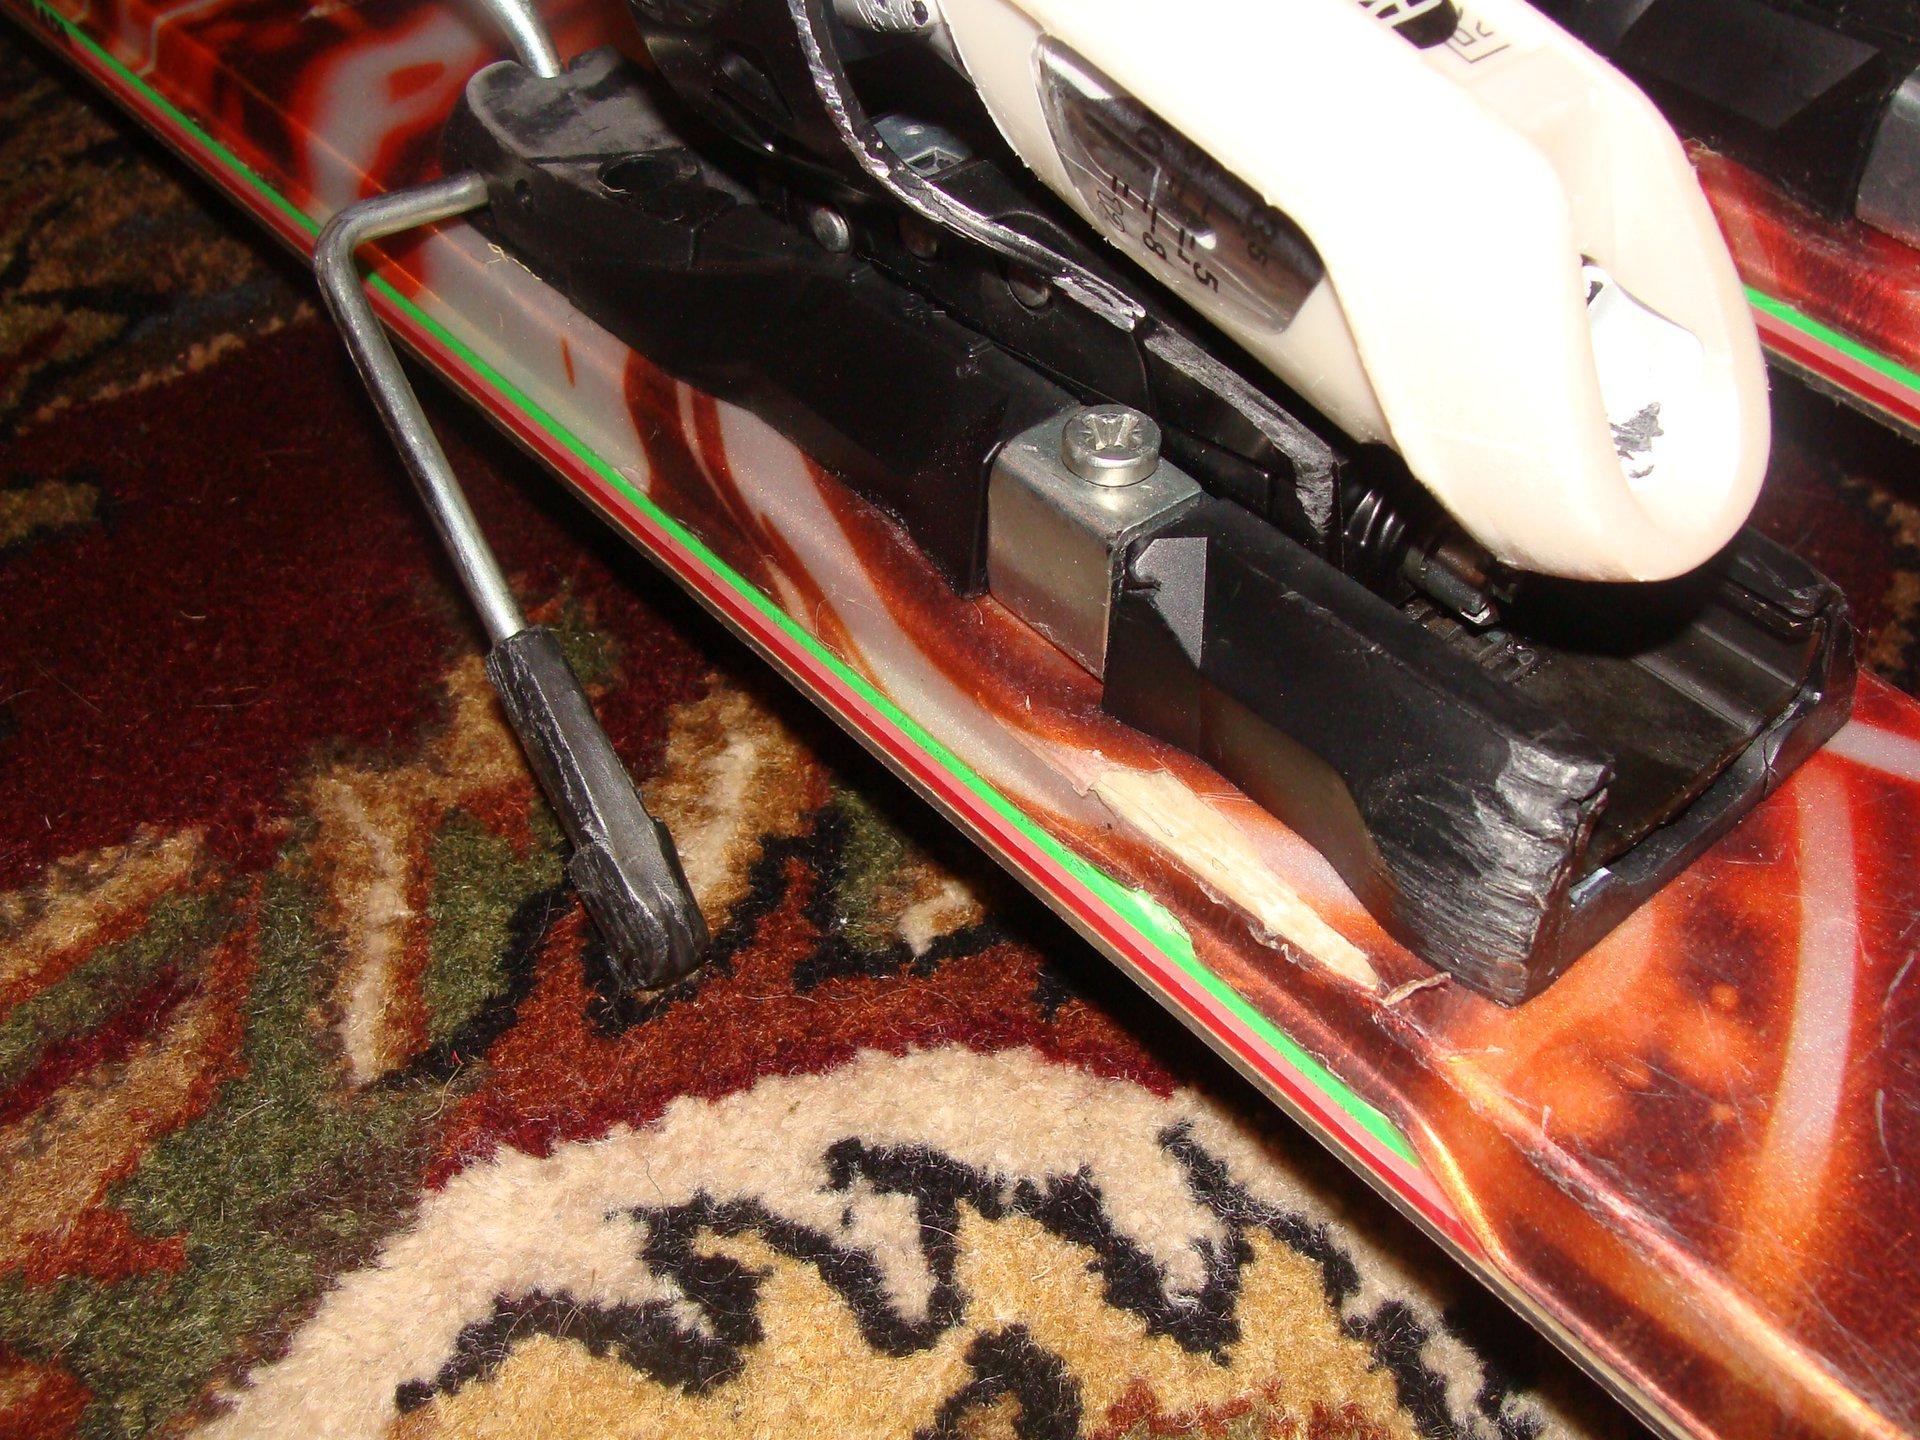 Topsheet Damage